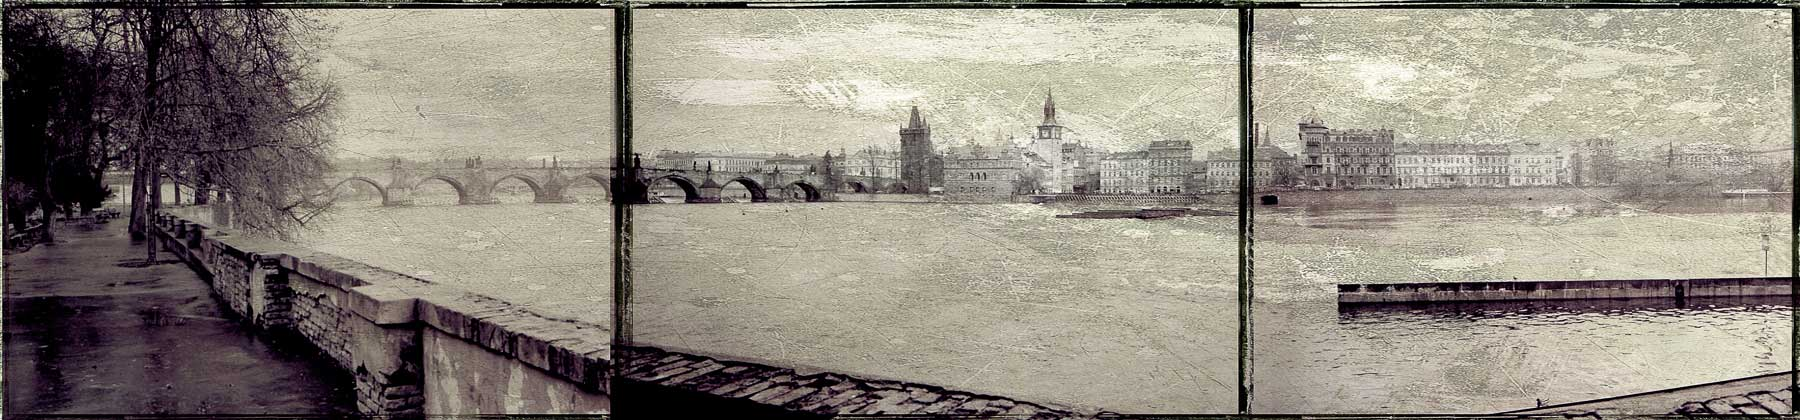 Charles_bridge_panoramic_V1.jpg